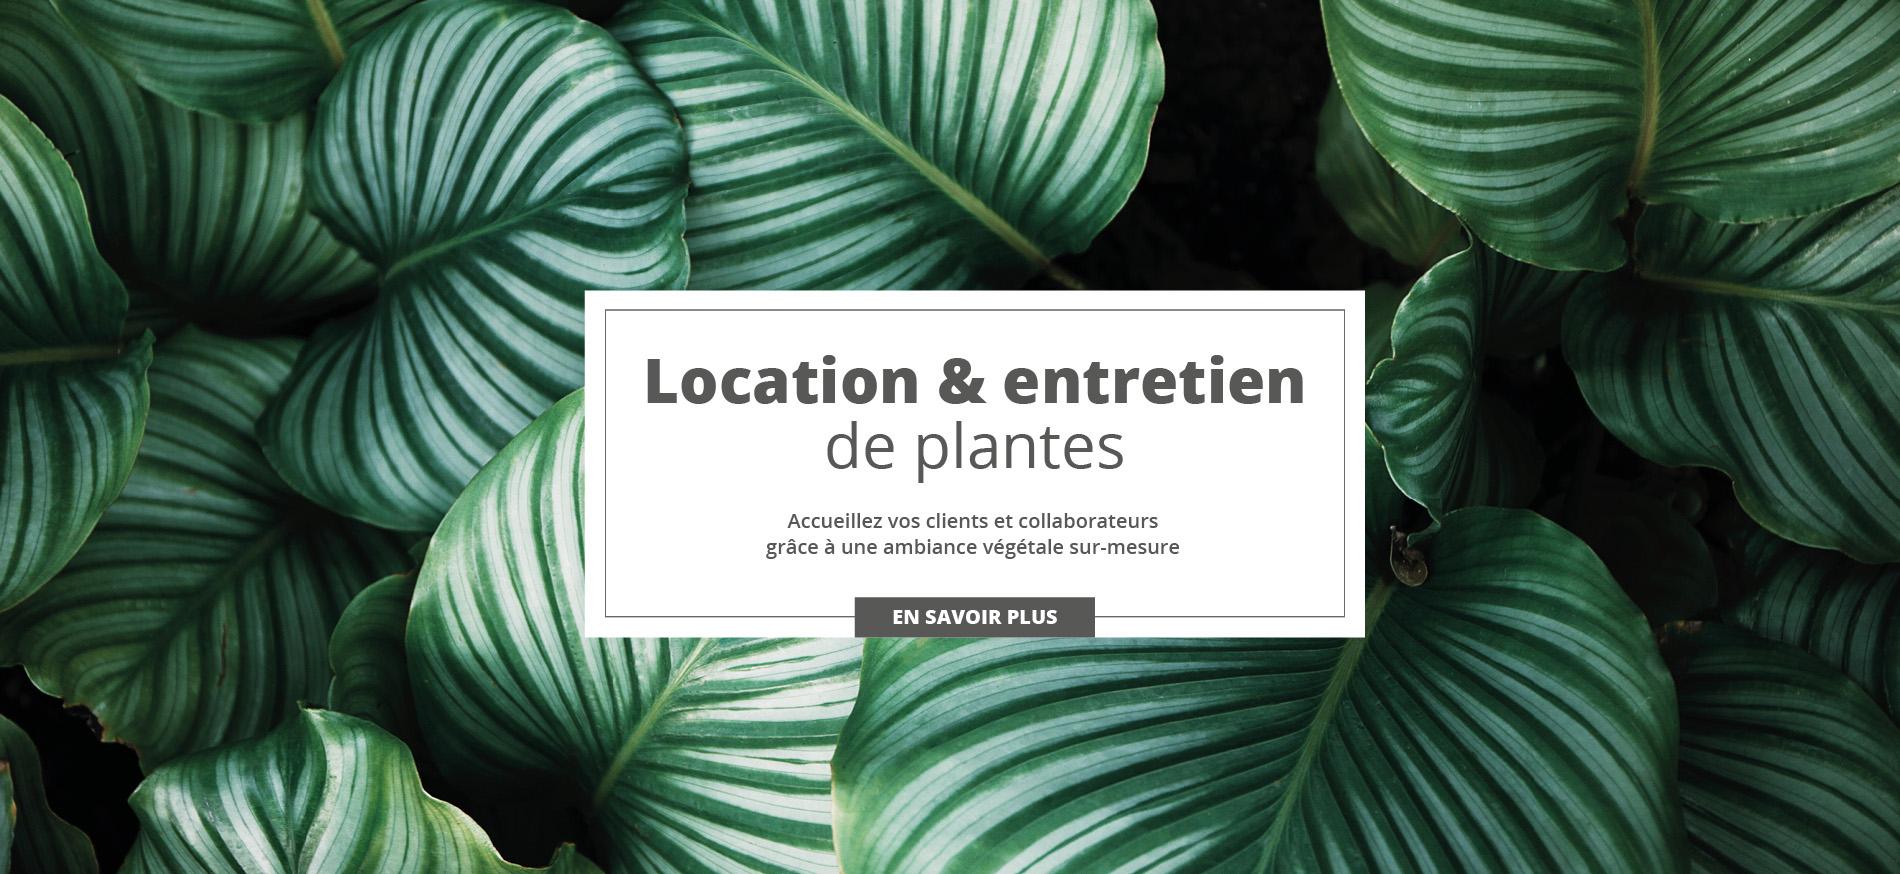 Location & entretien de plantes